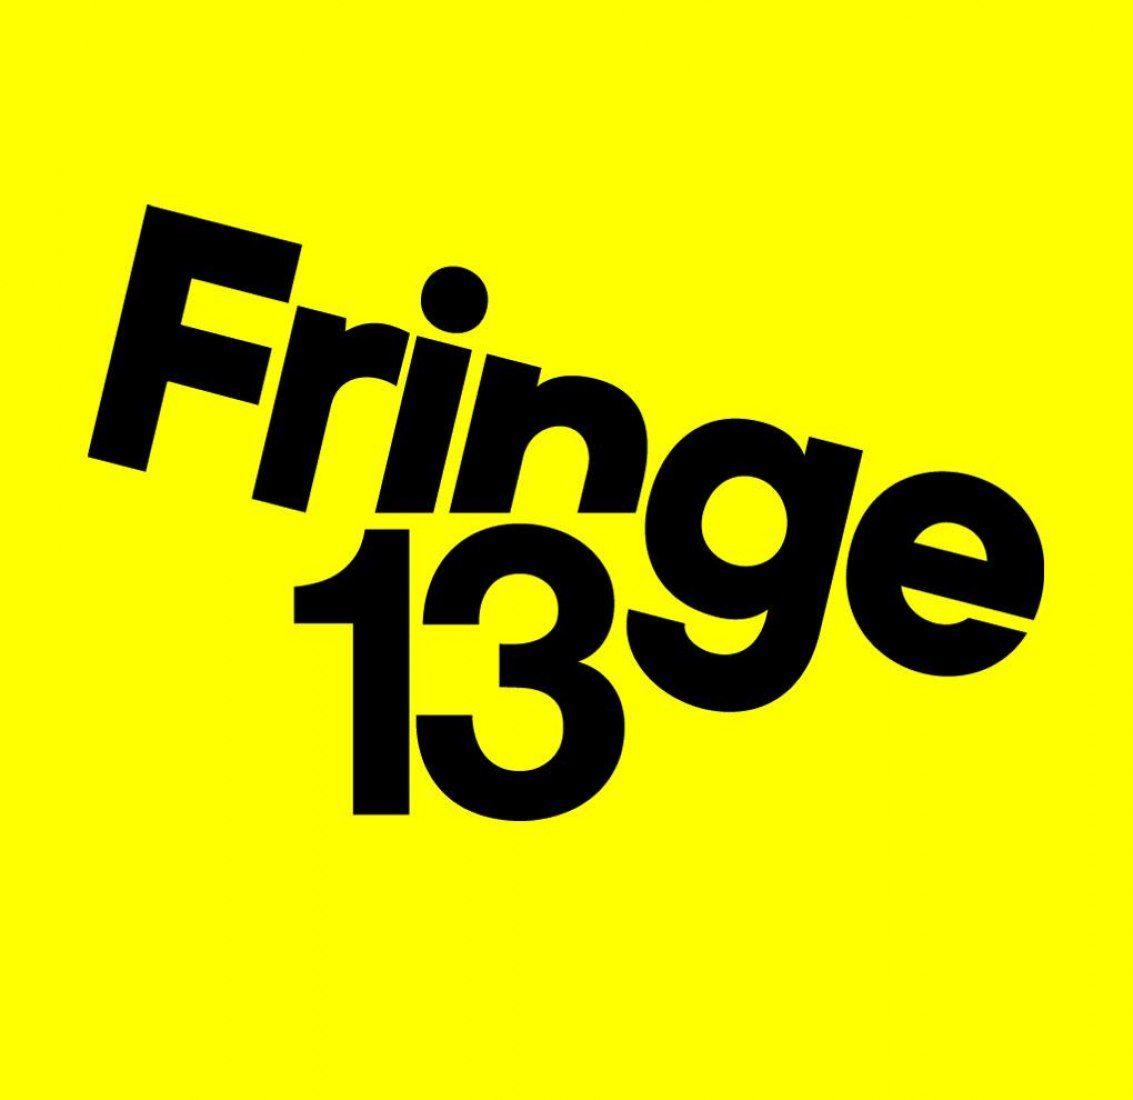 Imagen del cartel. Fringe13.